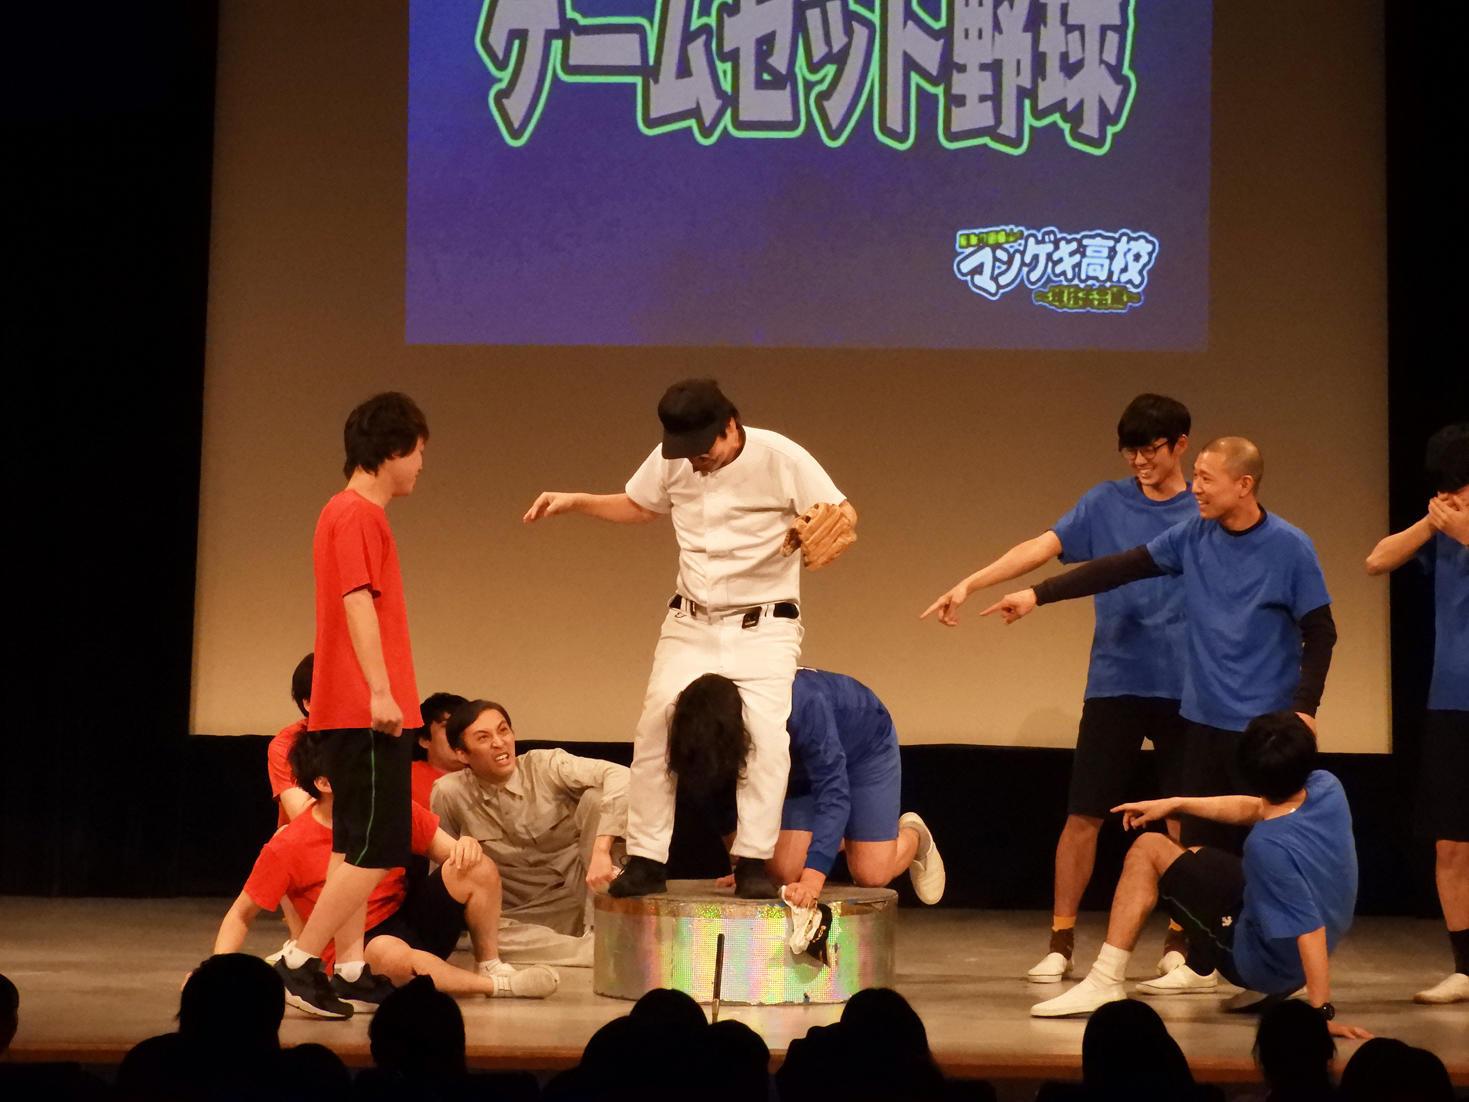 http://news.yoshimoto.co.jp/20180404103902-d8604d65c696dcda75093d37f8c7ef11aa287d58.jpg